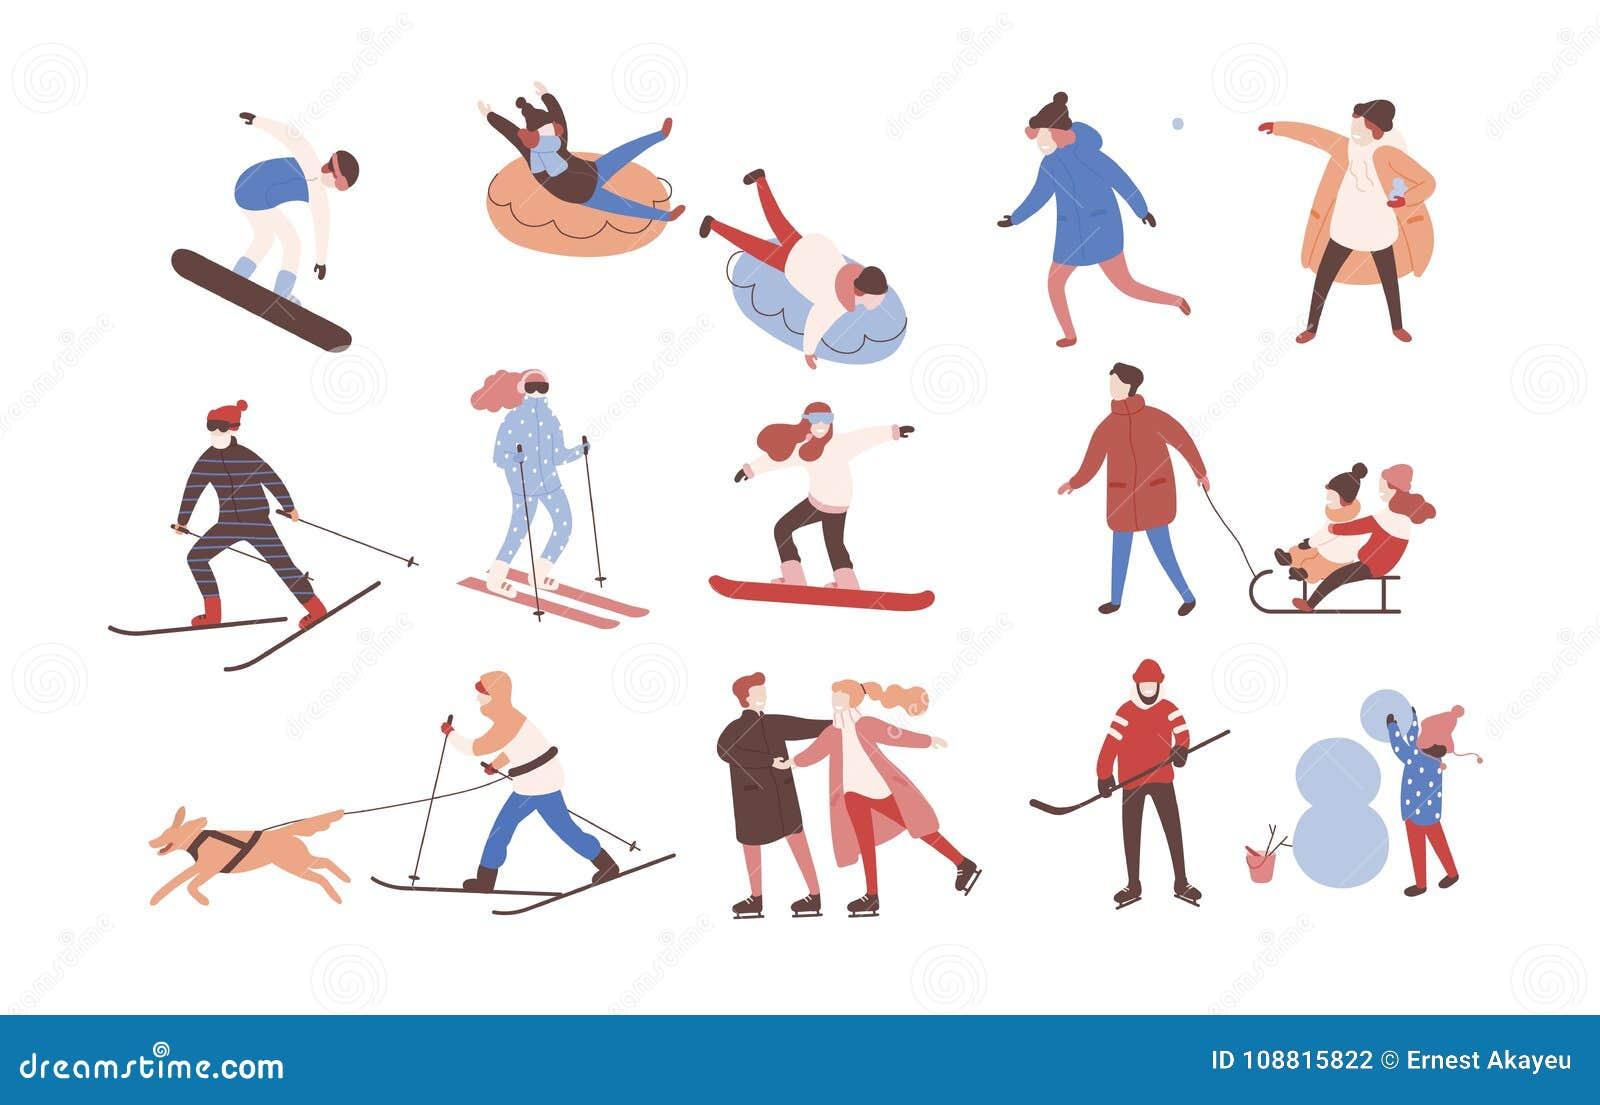 Colección De Personajes De Dibujos Animados Masculinos Y Femeninos